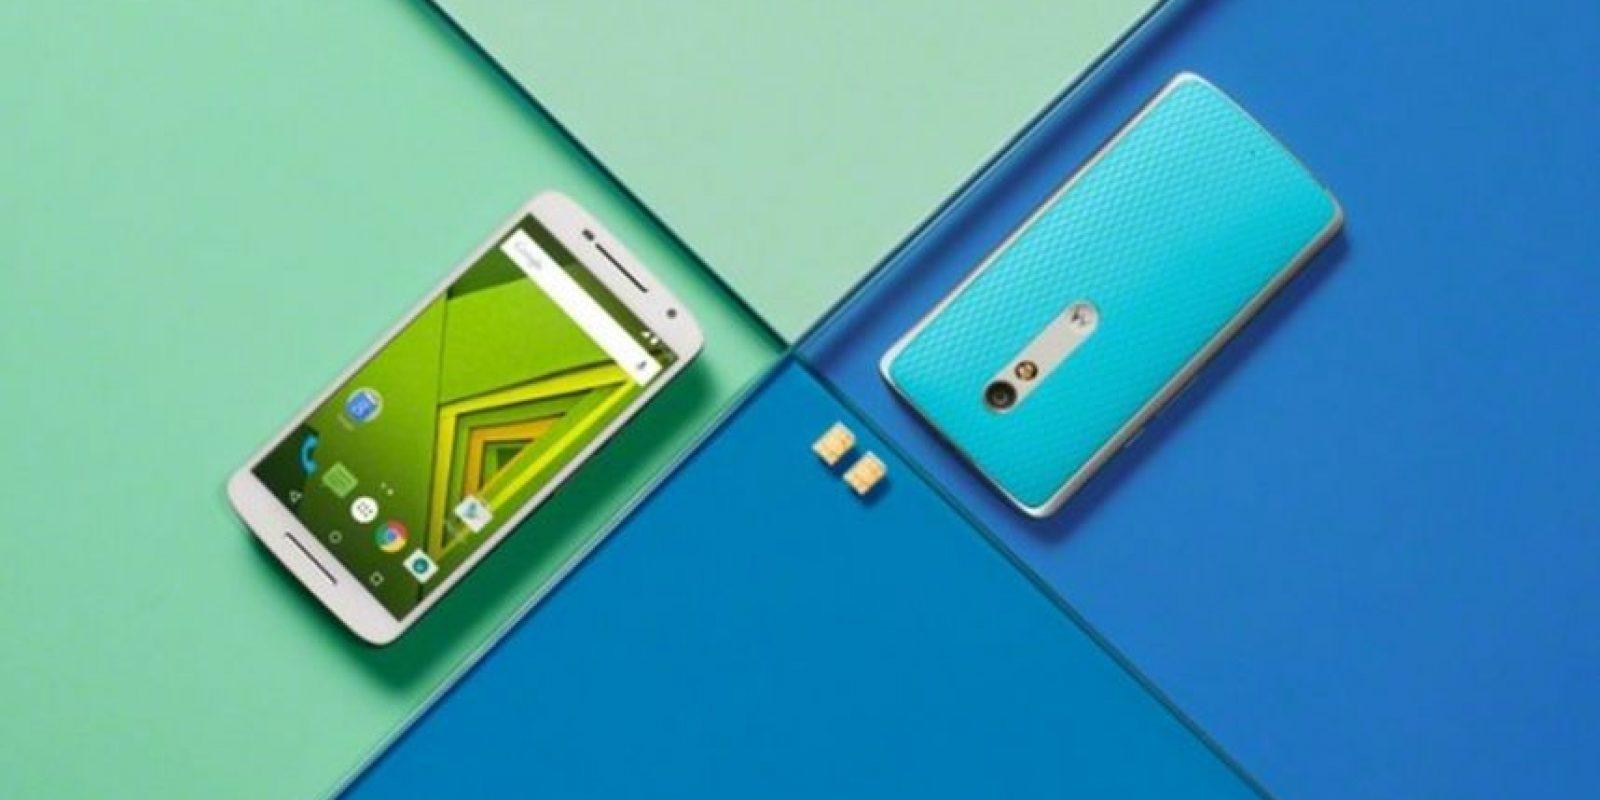 Sistema operativo: Android 5.1.1 Lollipop. No es sumergible en agua Foto:Motorola